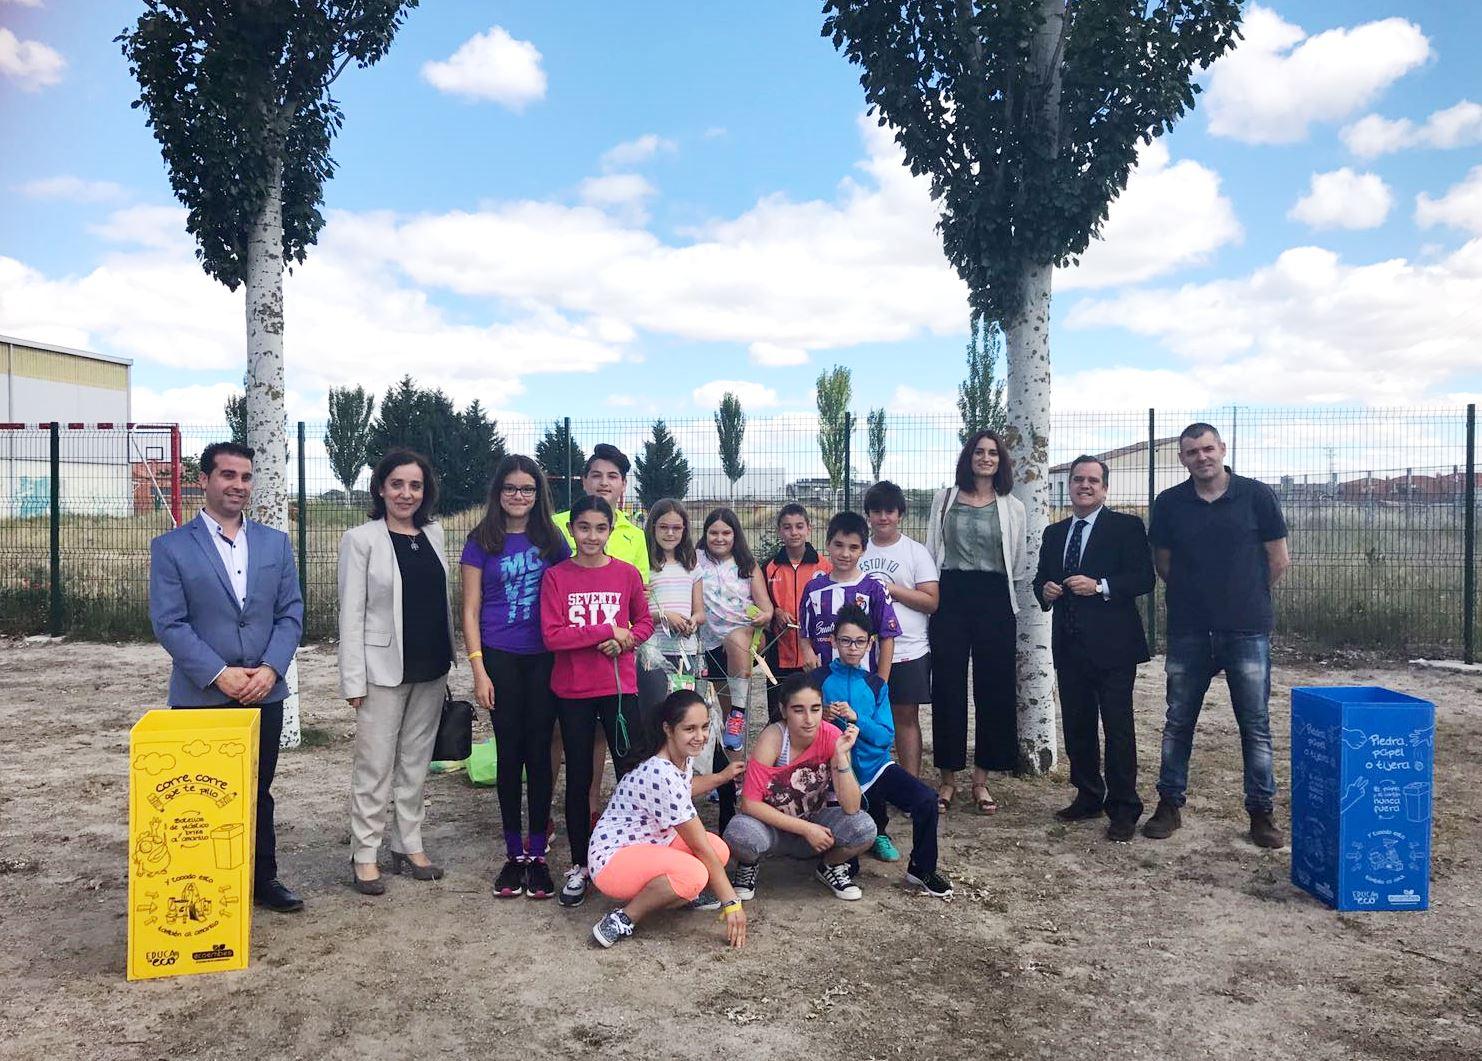 Los colegios de la provincia de Valladolid ya pueden inscribirse en los programas de Educación Ambiental